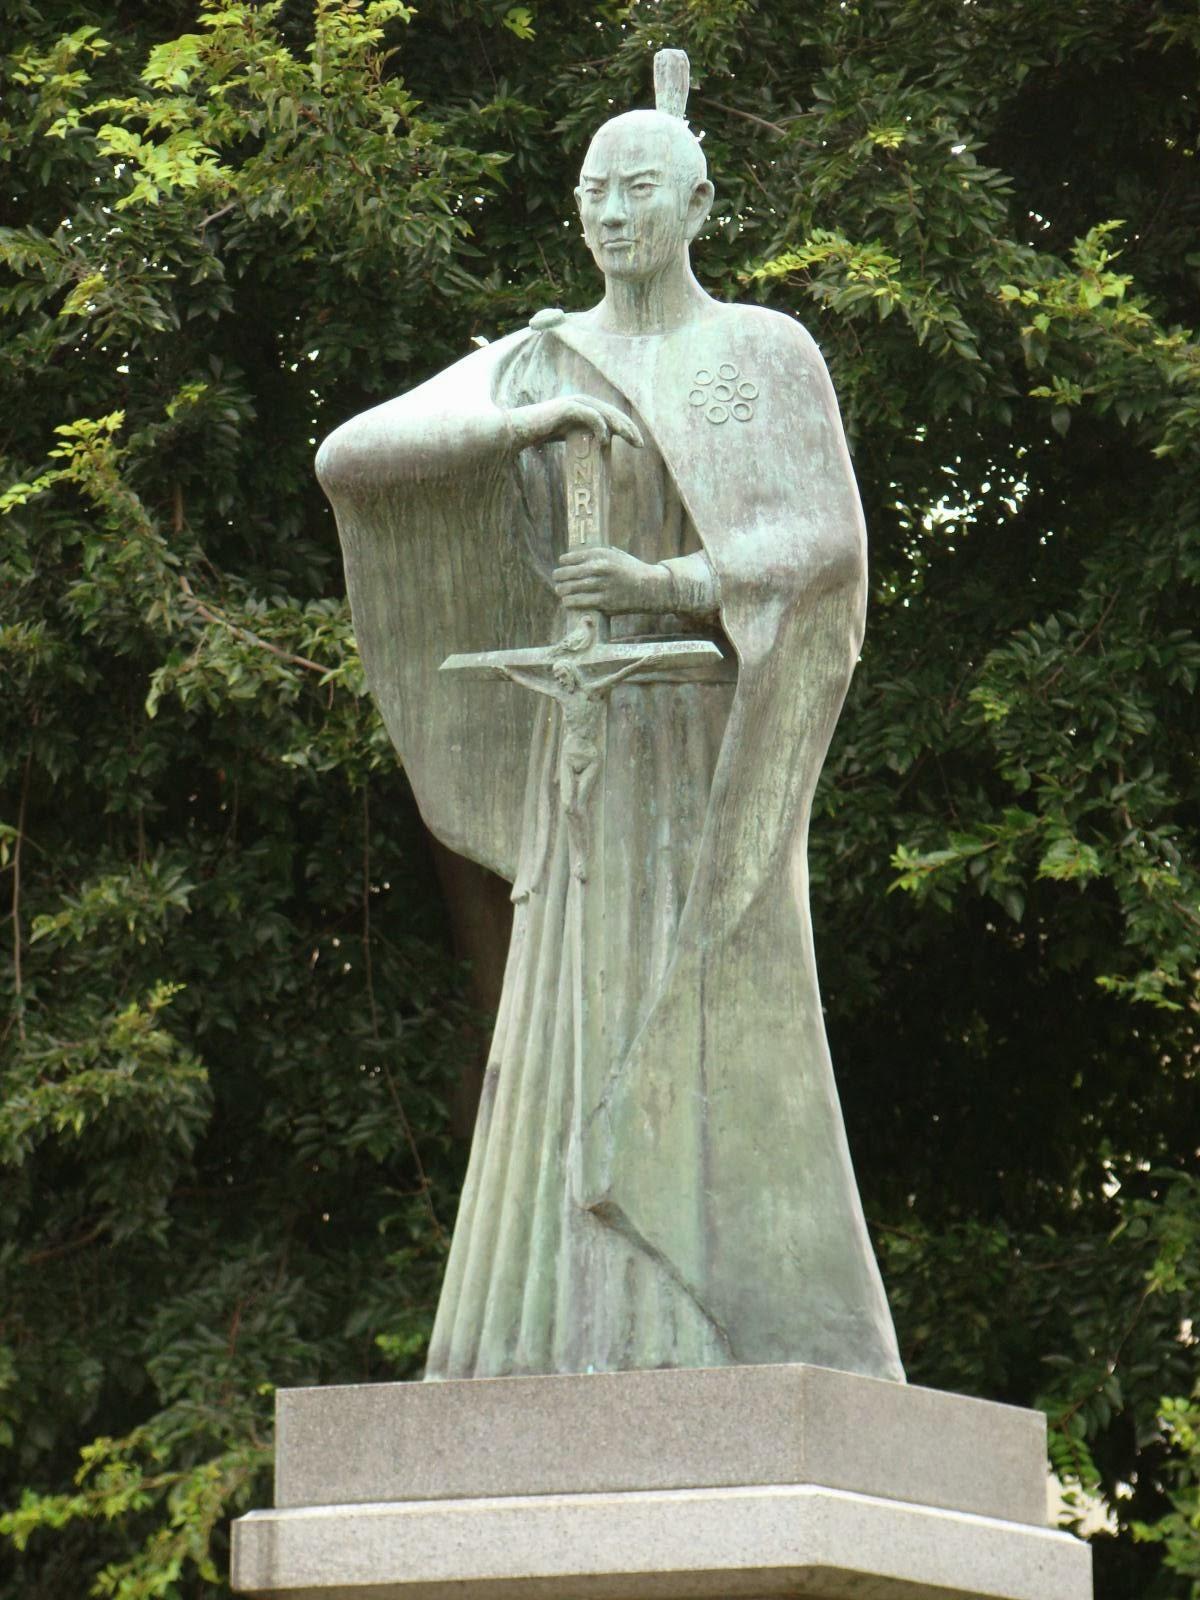 Monumento a Dom Justo Takayama Ukon.  Este poderoso senhor feudal (daimo) é lembrado como grande promotor e protetor  do catolicismo. Considerada sua alta posição na nobreza e no governo do Império,  foi exilado junto com centenas de católicos que protegia.  Morreu 40 dias após chegar em Manila, Filipinas.  Está em andamento seu processo de canonização.  Foto de monumento na Praça Dilao, em Manila